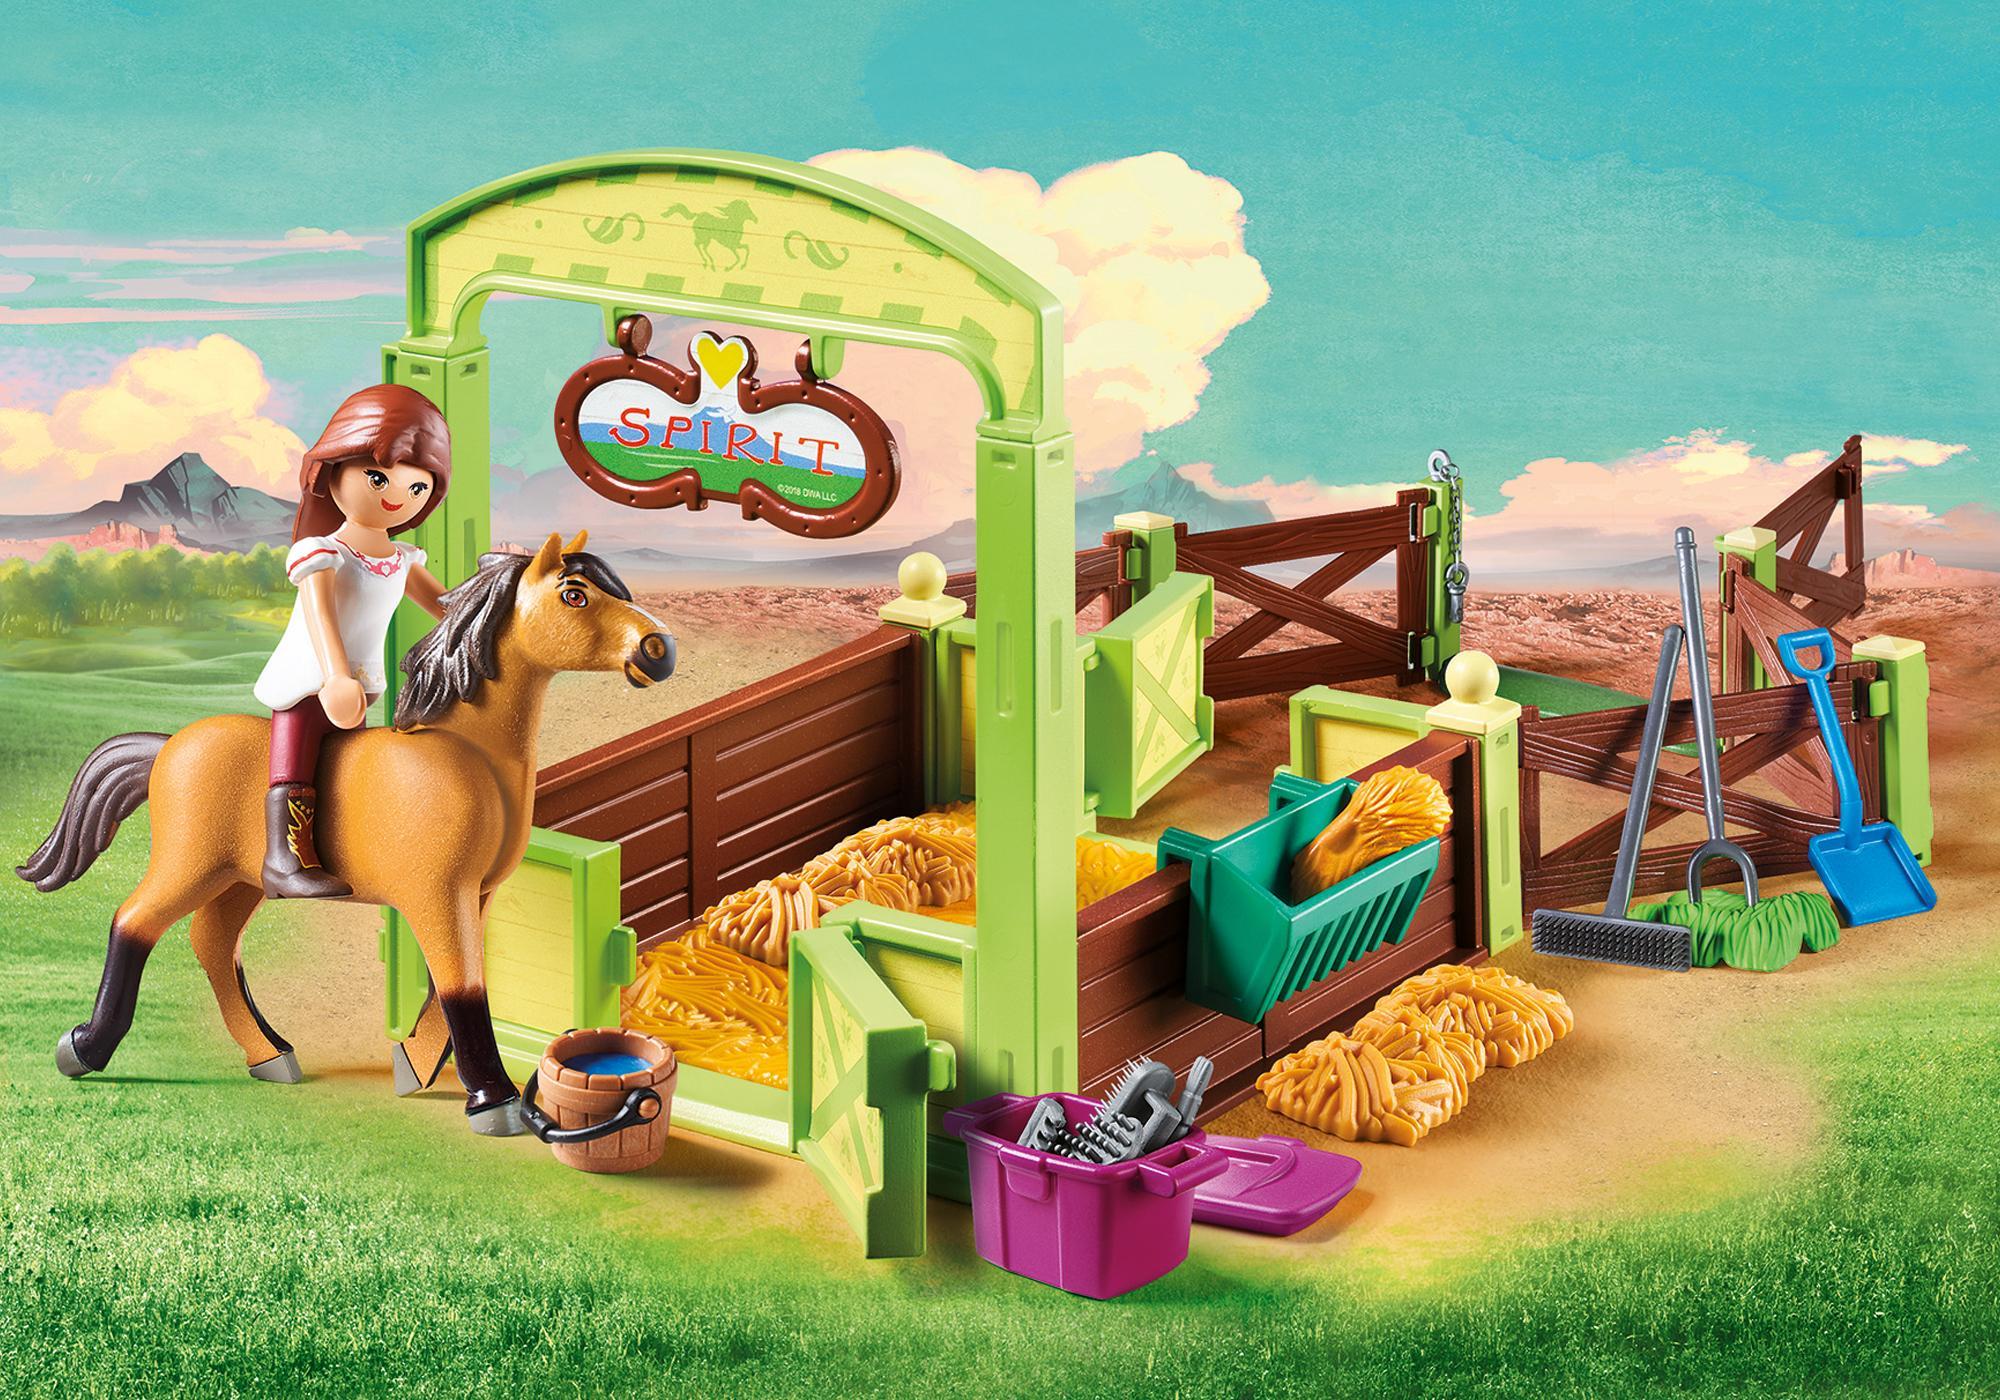 """http://media.playmobil.com/i/playmobil/9478_product_detail/Hästbox """"Lucky och Spirit"""""""